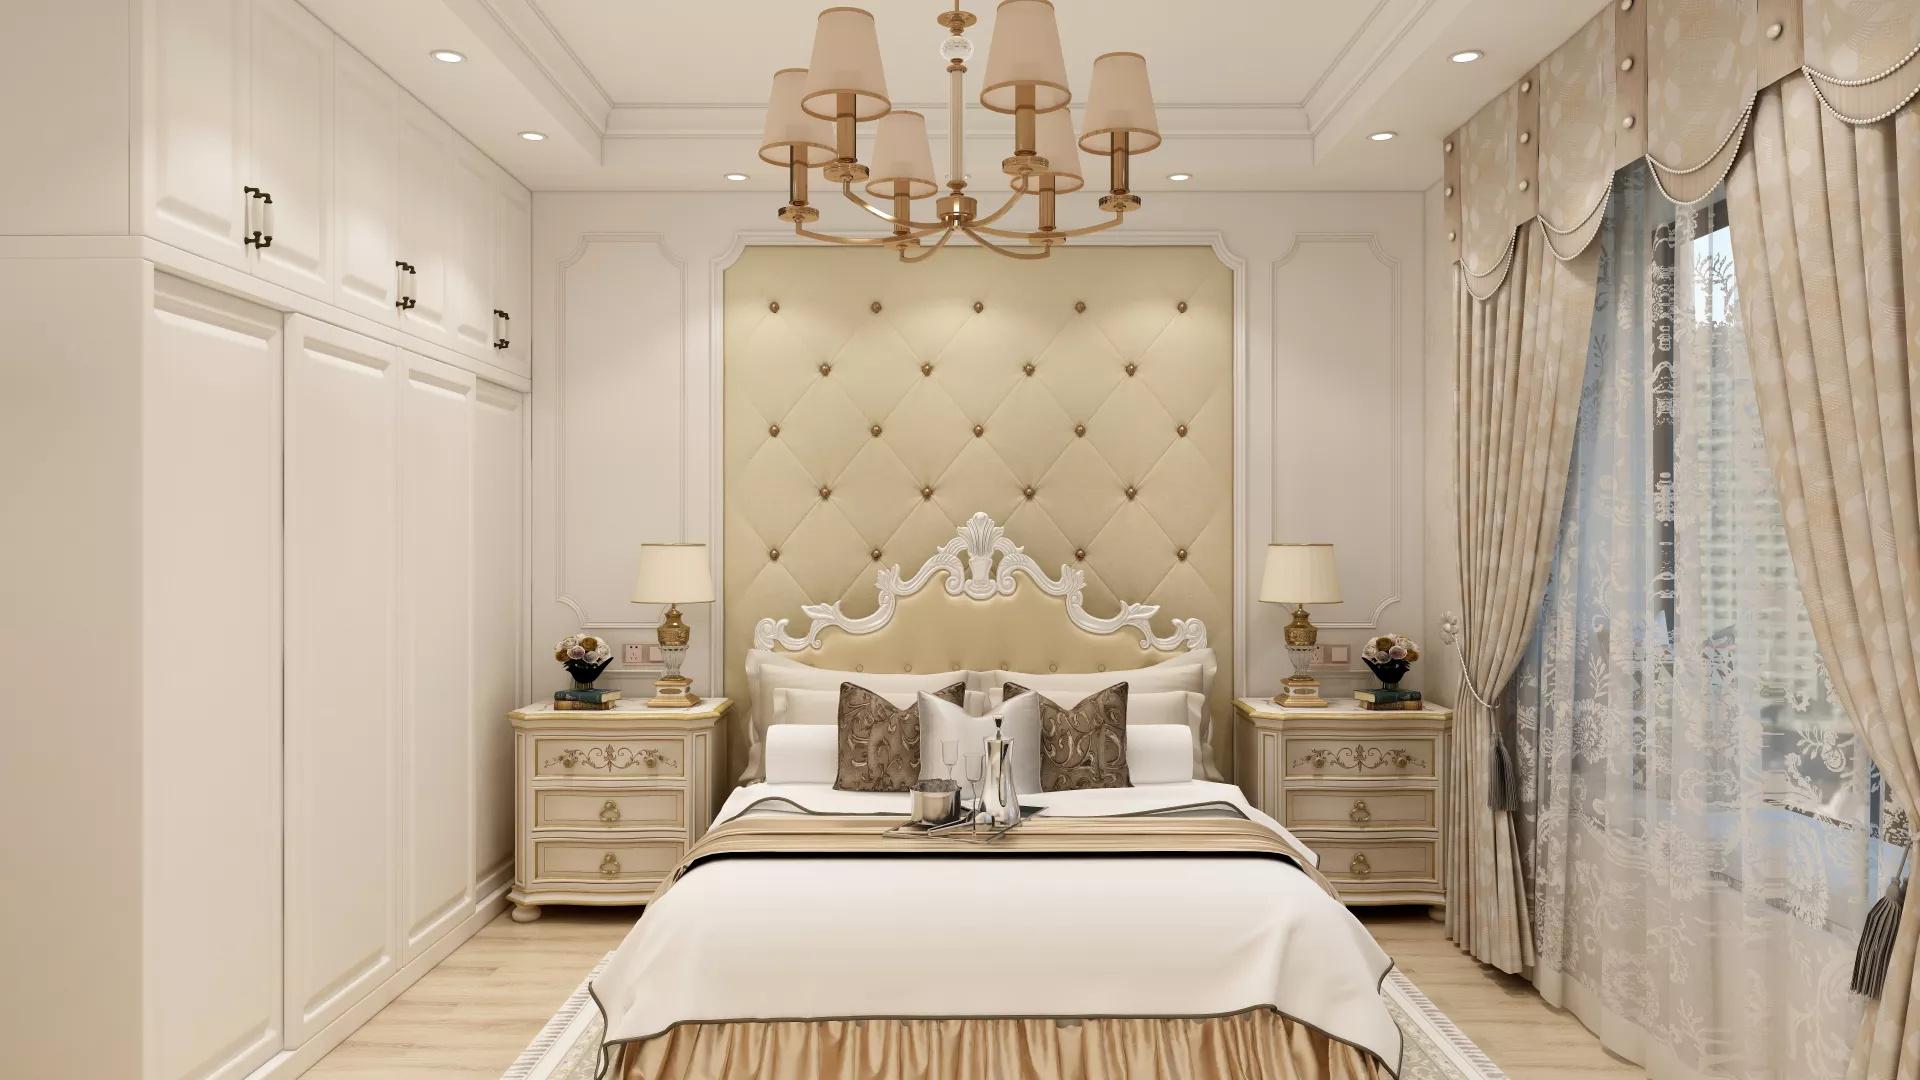 舒适温馨风格公寓餐厅设计